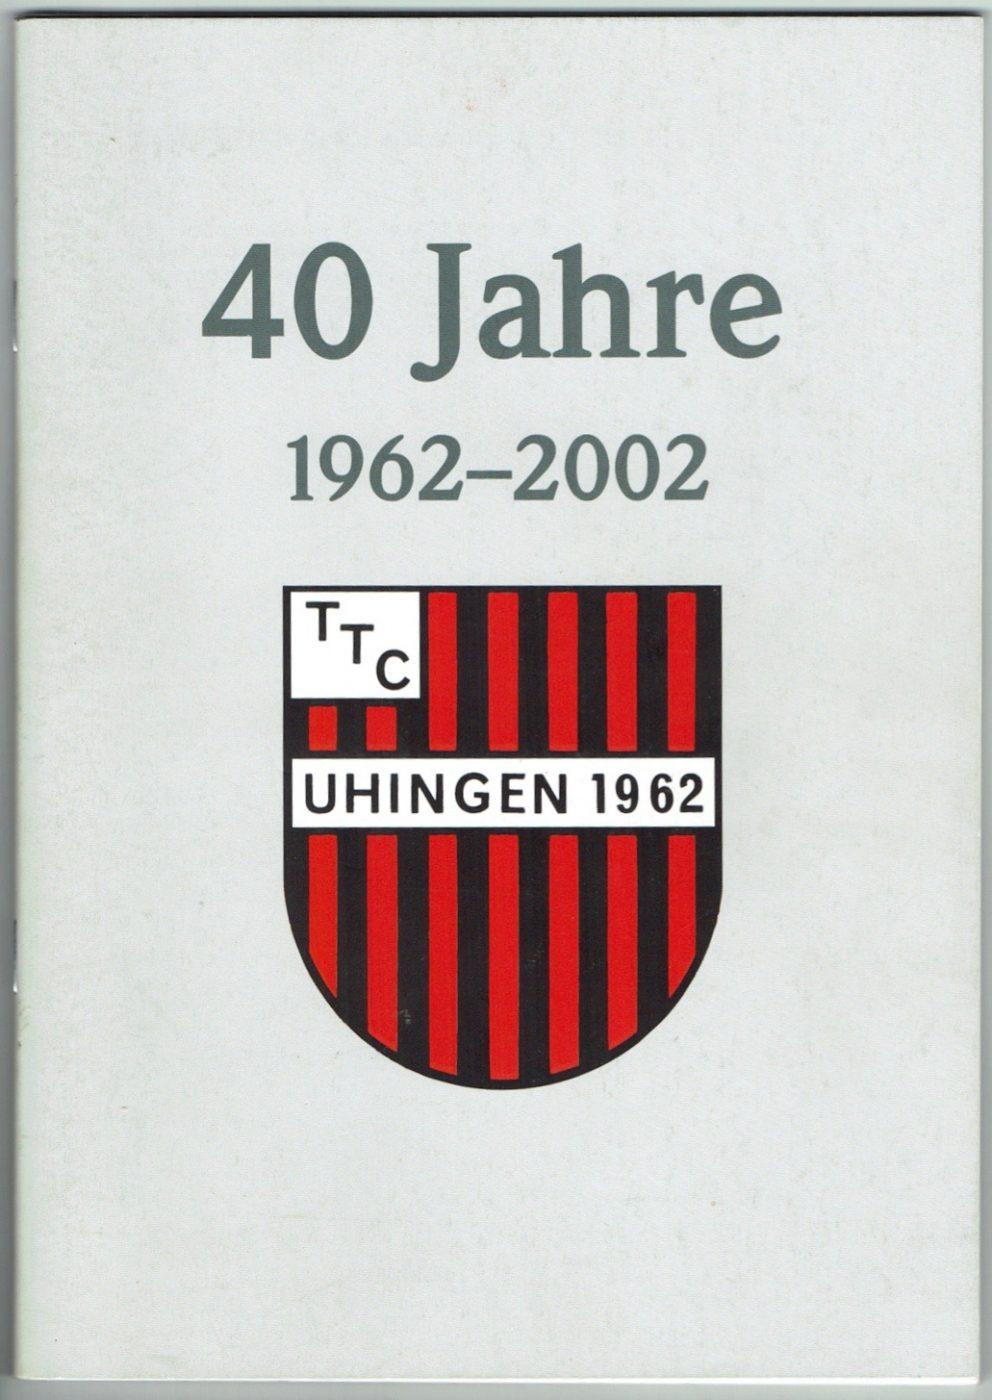 2002: Veröffentlichung der Festschrift zum 40 jährigen Jubiläum